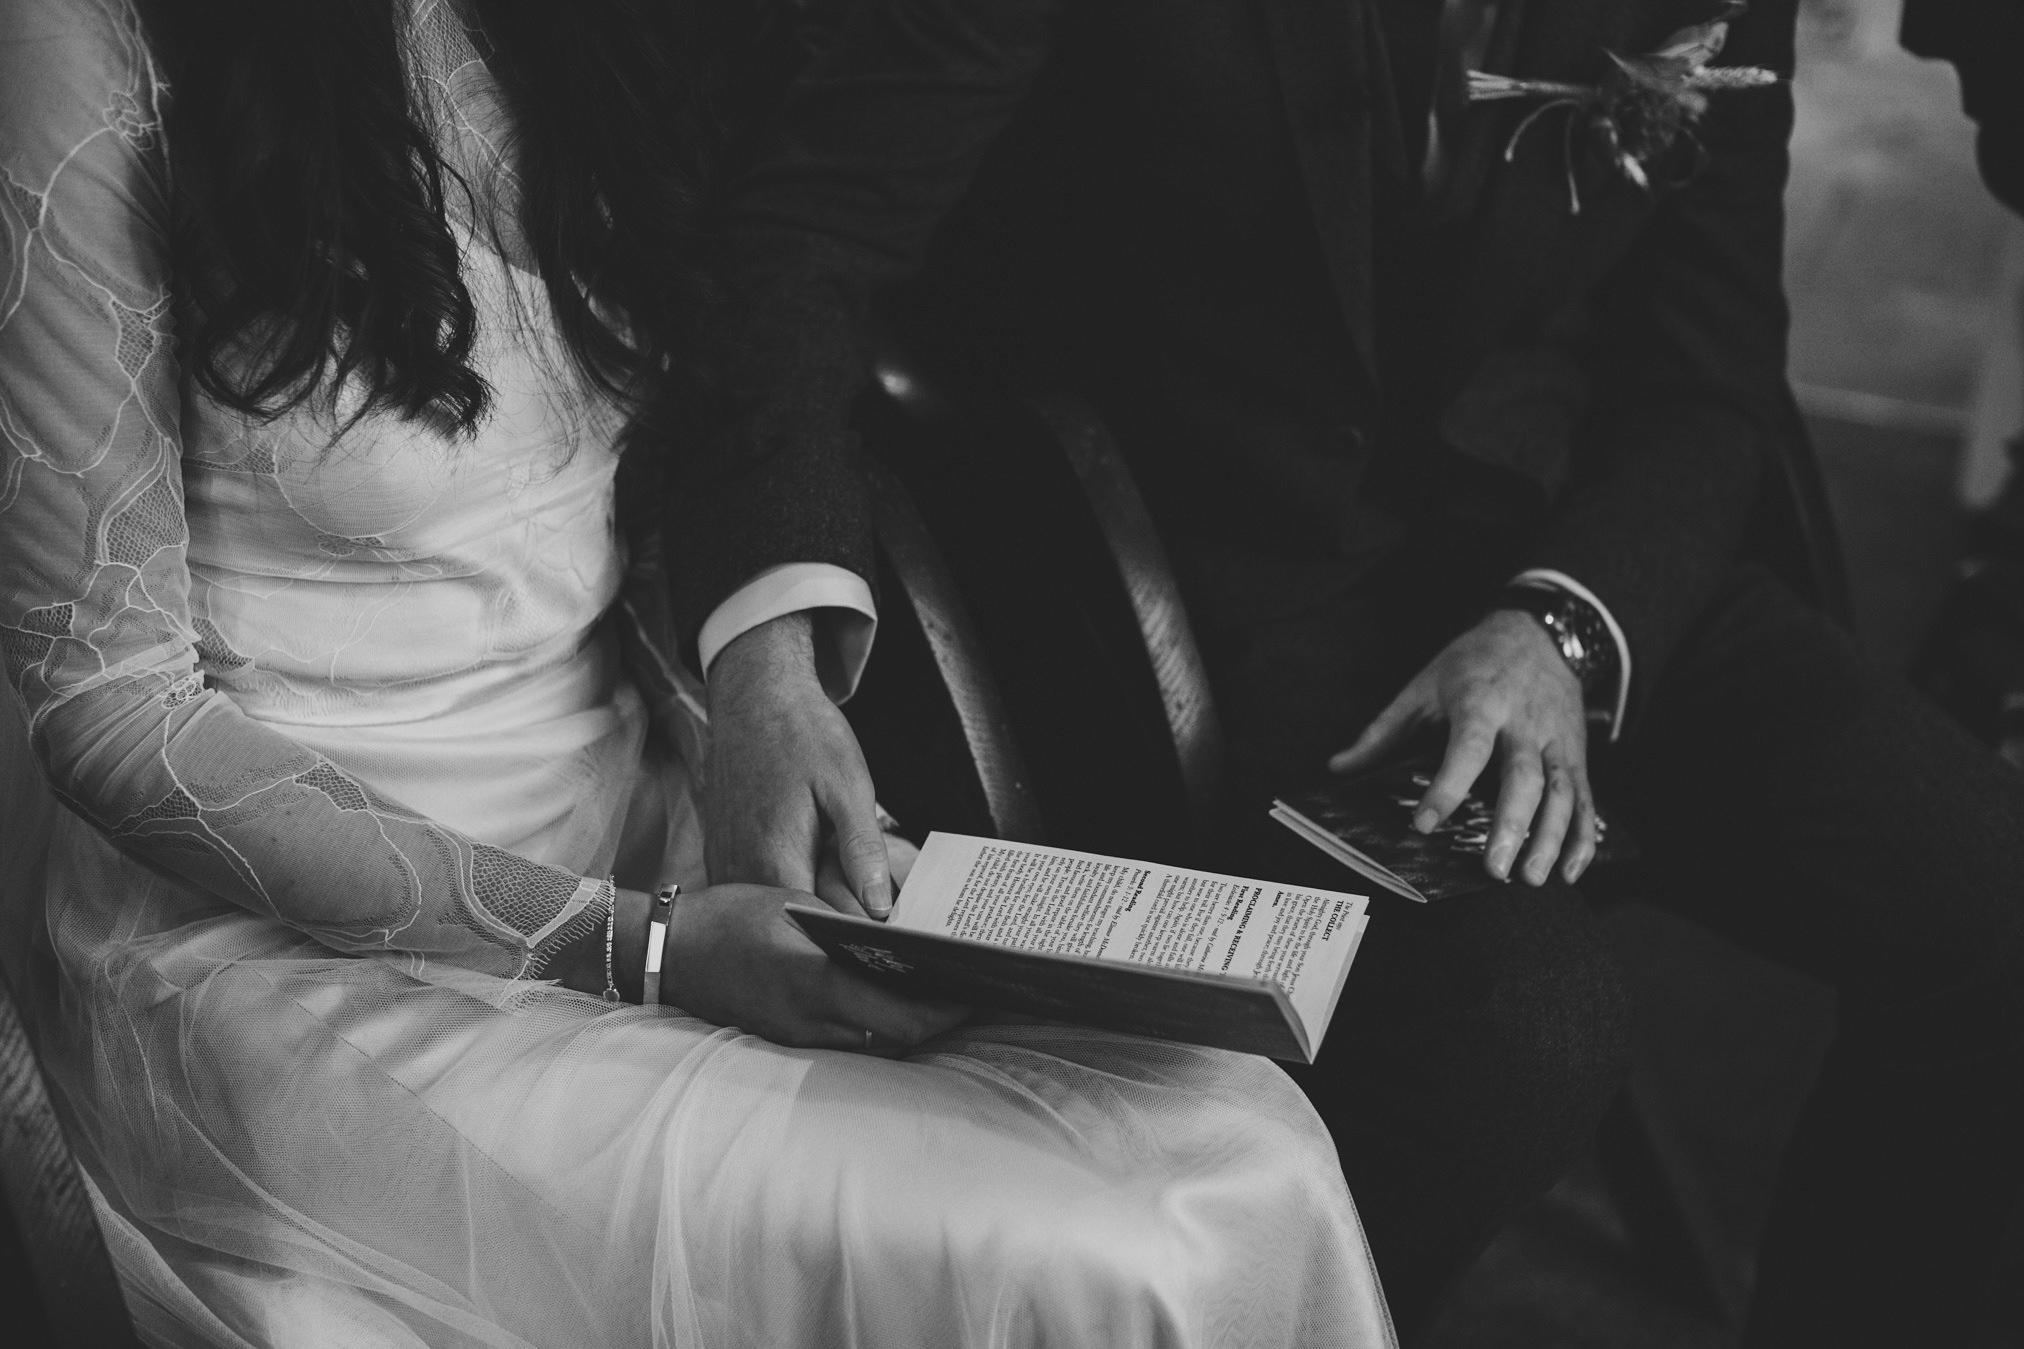 wedding photographer irelandGraciela Vilagudin Photography543.jpg